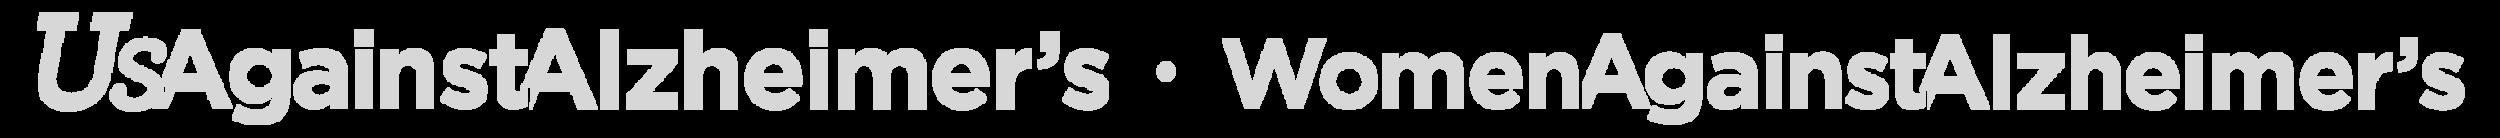 UsA2-WA2 Grey-02.png